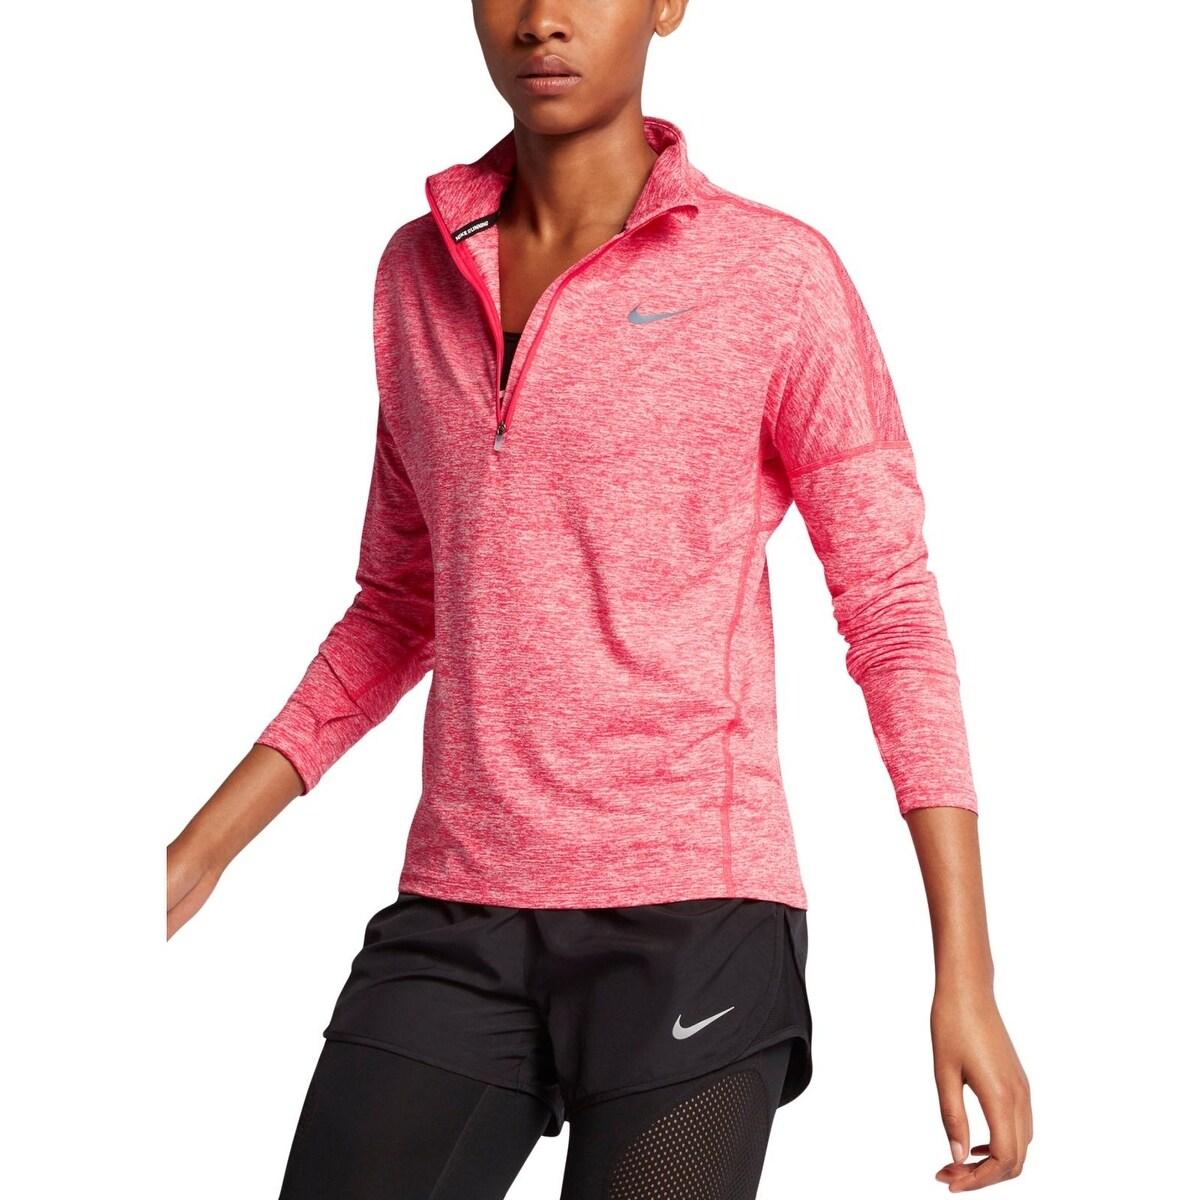 c3e0e63038a5 Nike Men s Clothing